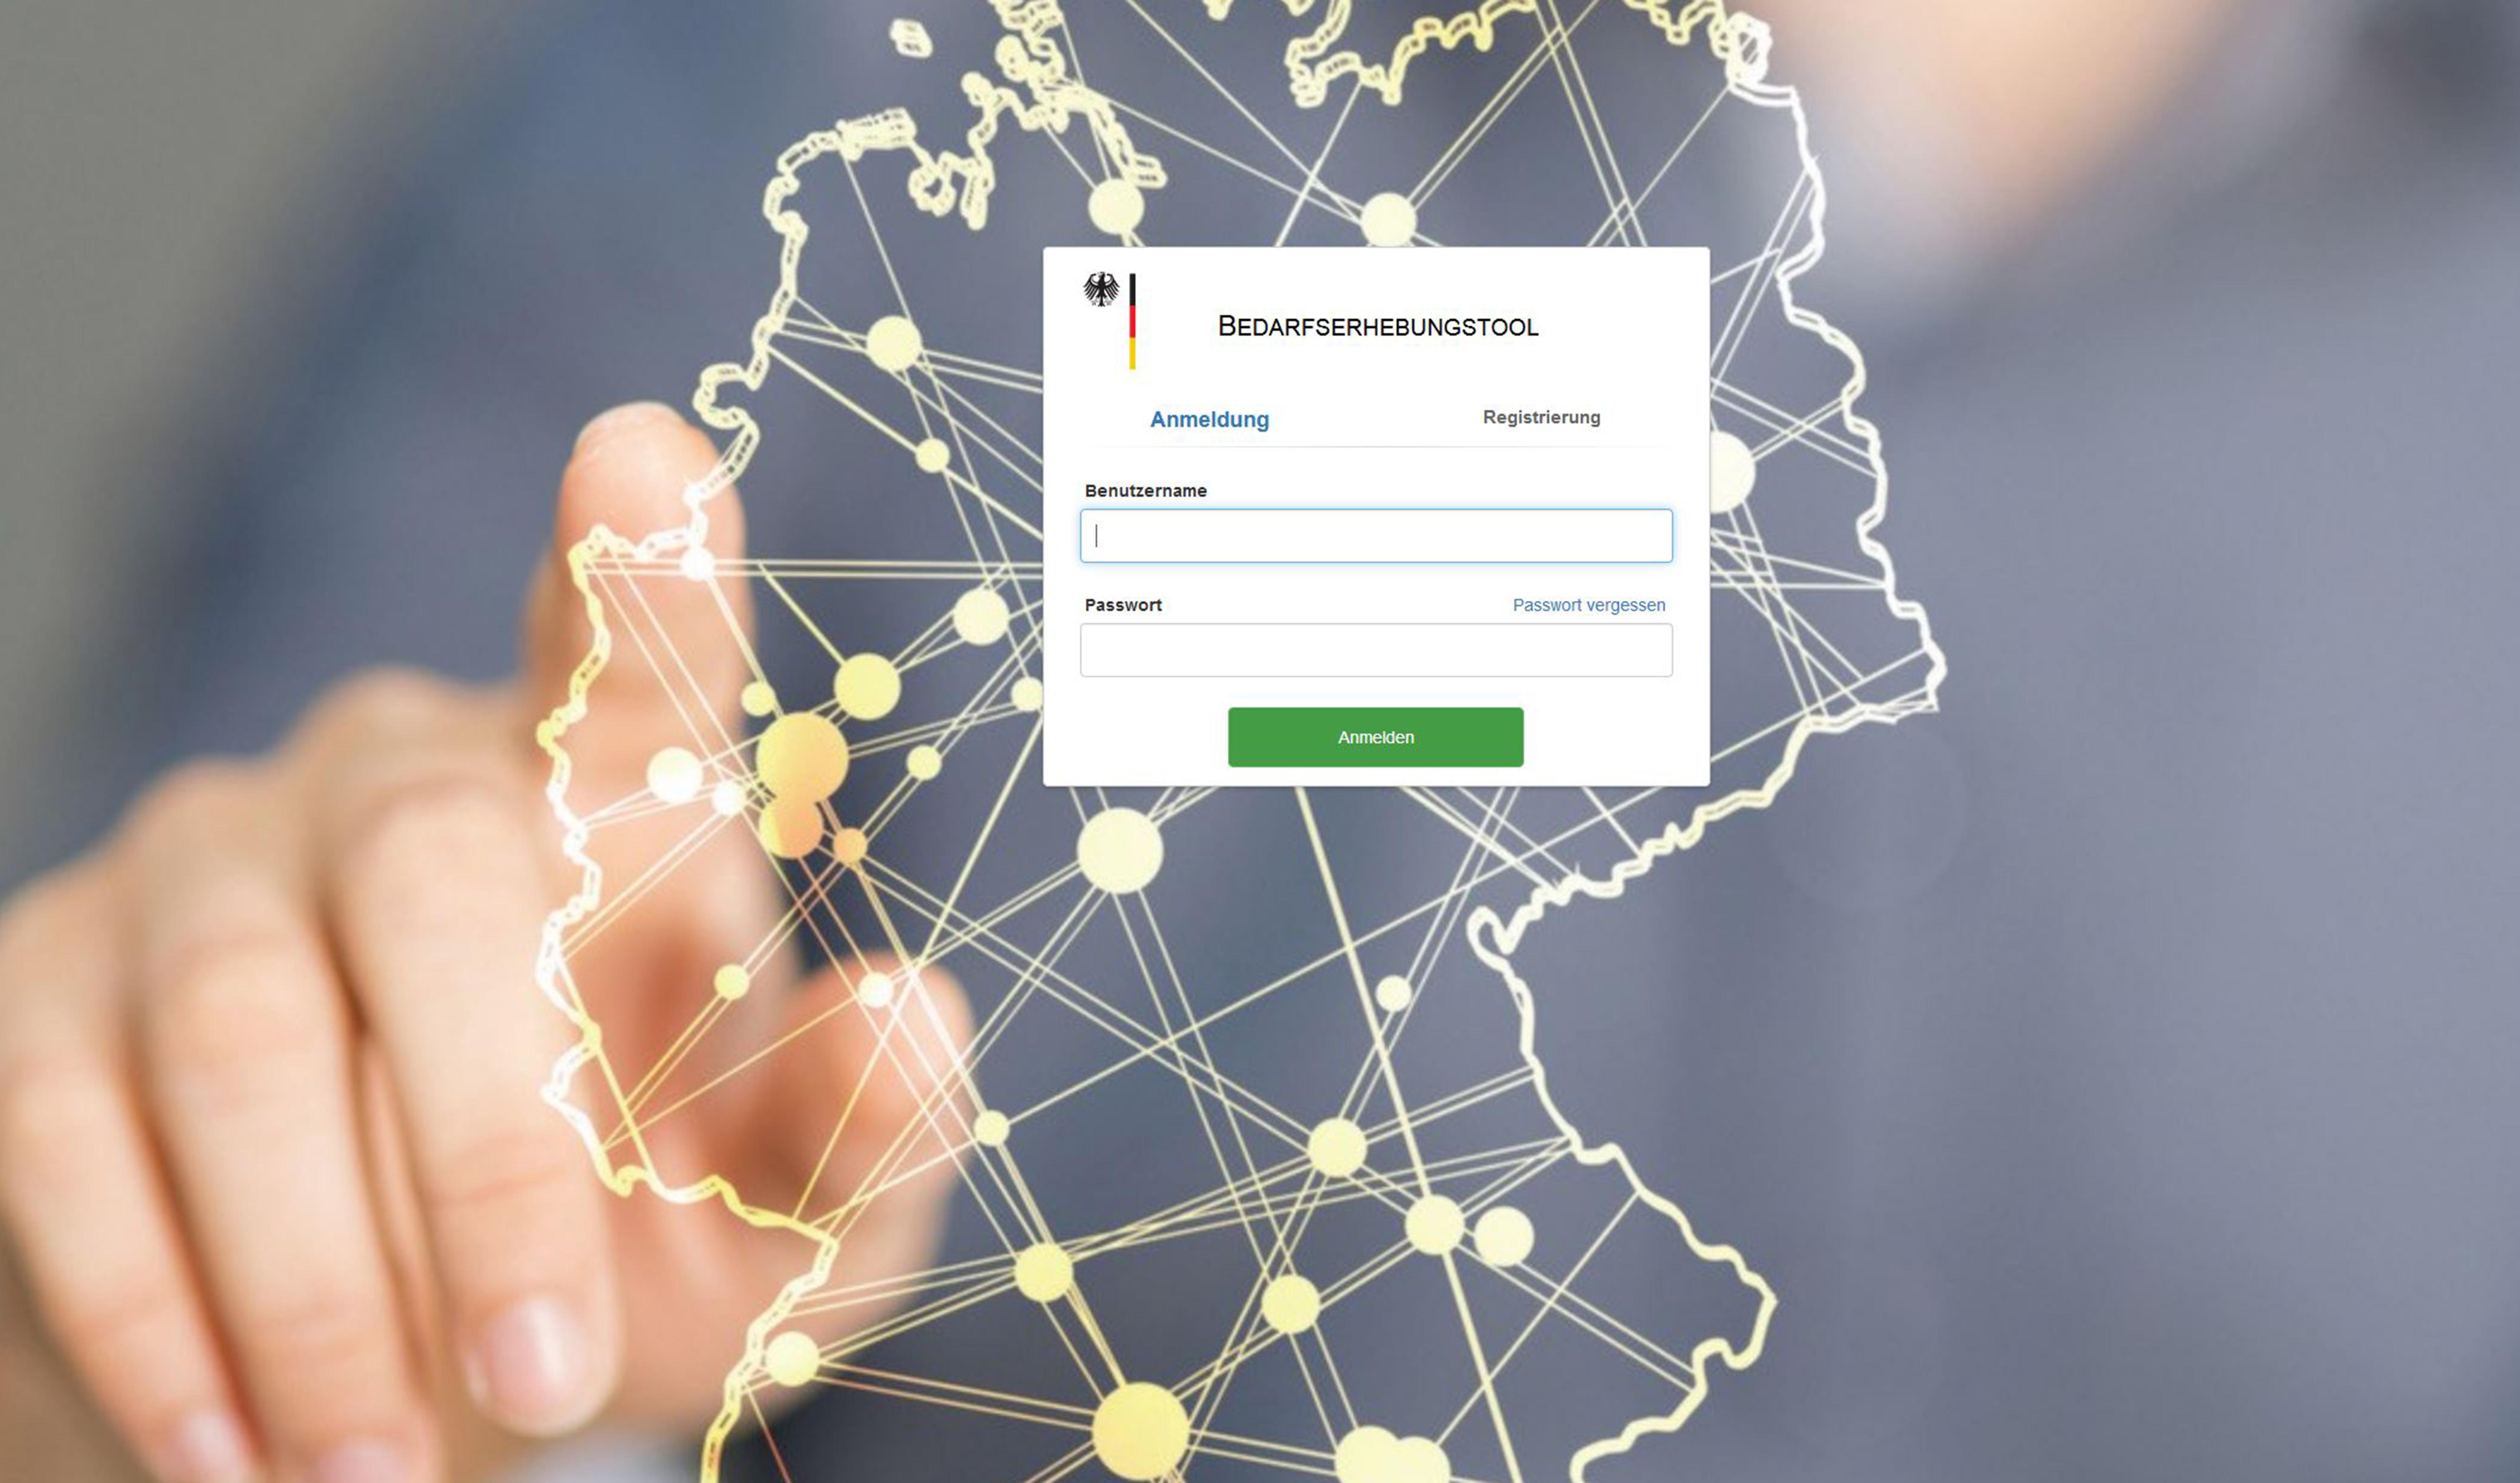 Auf einer vernetzten Deutschlandkarte wird der Login für das Bedarfserhebungstool (BET) gezeigt.